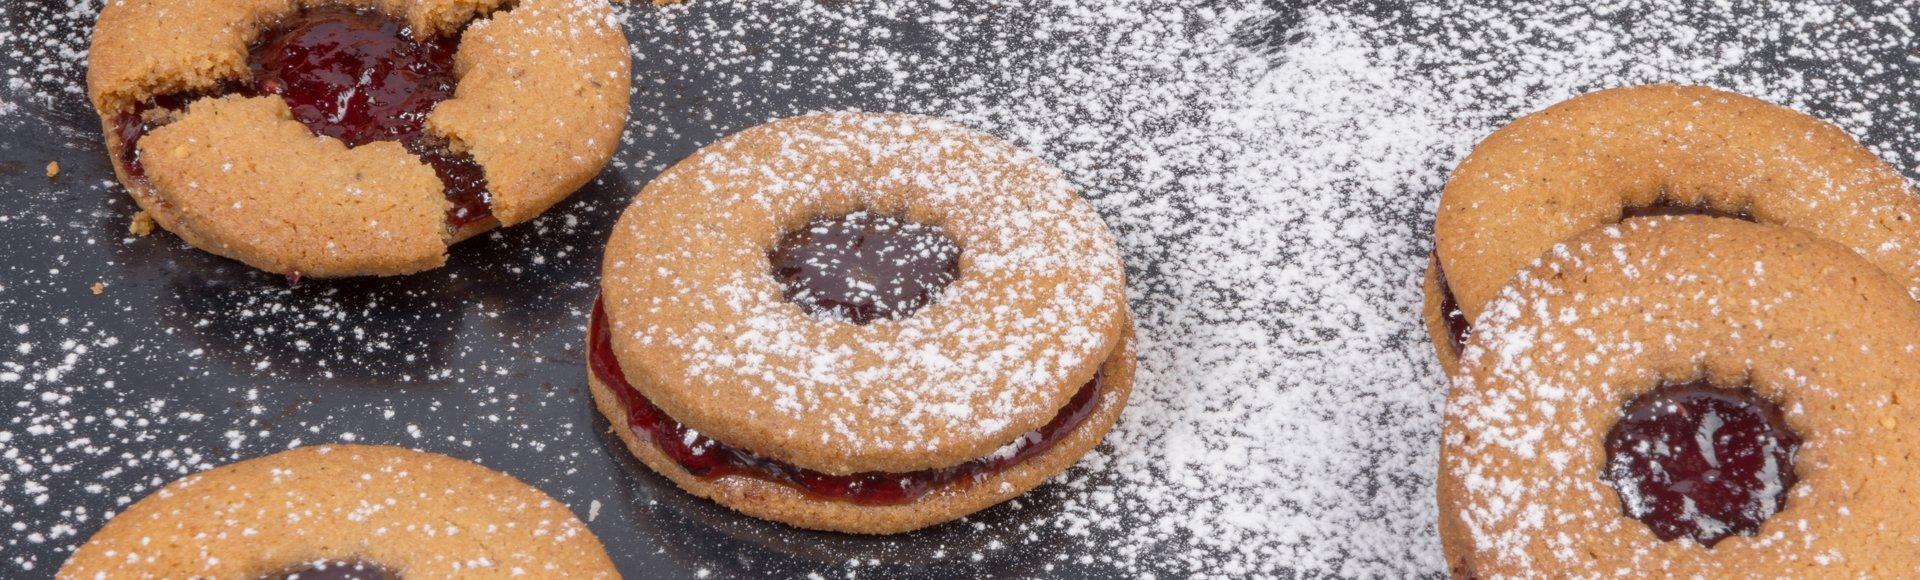 Μπισκότα με κανέλα, τζίντζερ και φουντούκια και μαρμελάδα από φρούτα δάσους